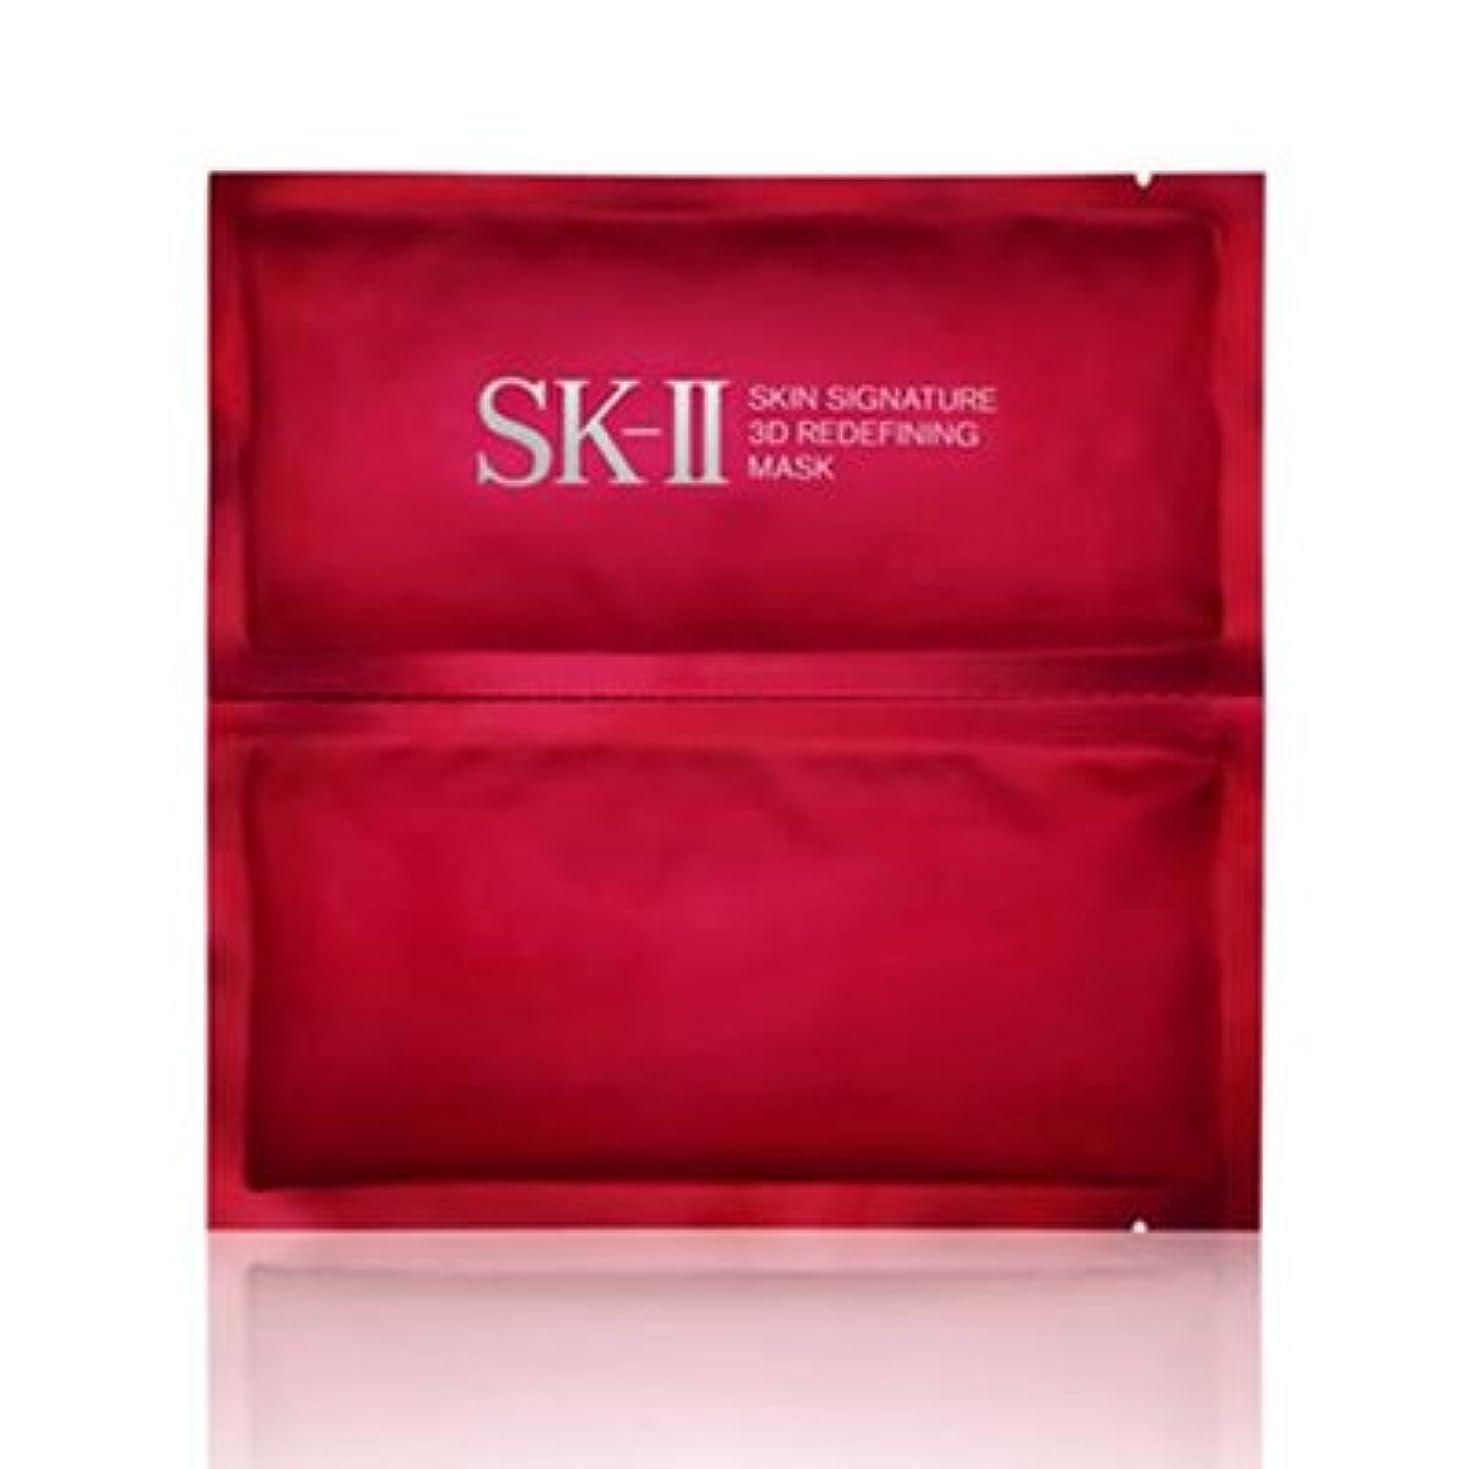 証言する筋鎮静剤SK-II スキンシグネチャー3Dリディファイニングマスク1枚